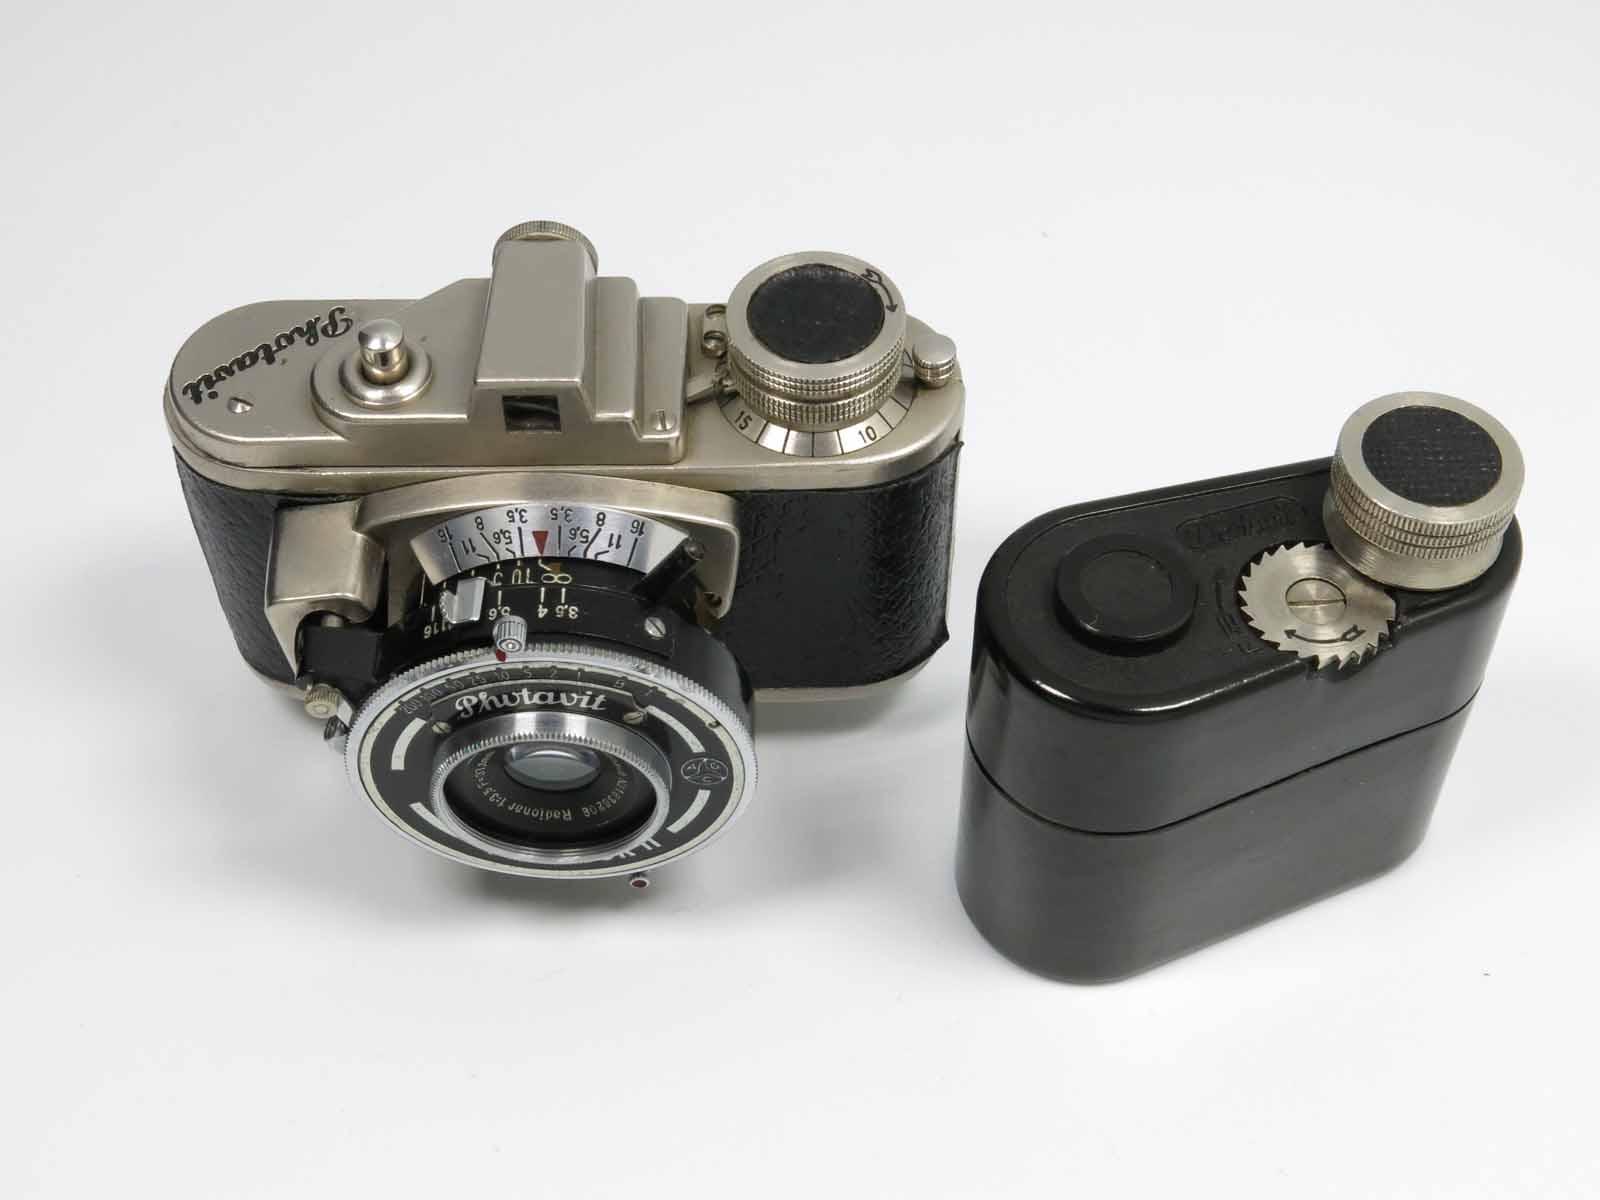 clean-cameras-Photavit-04